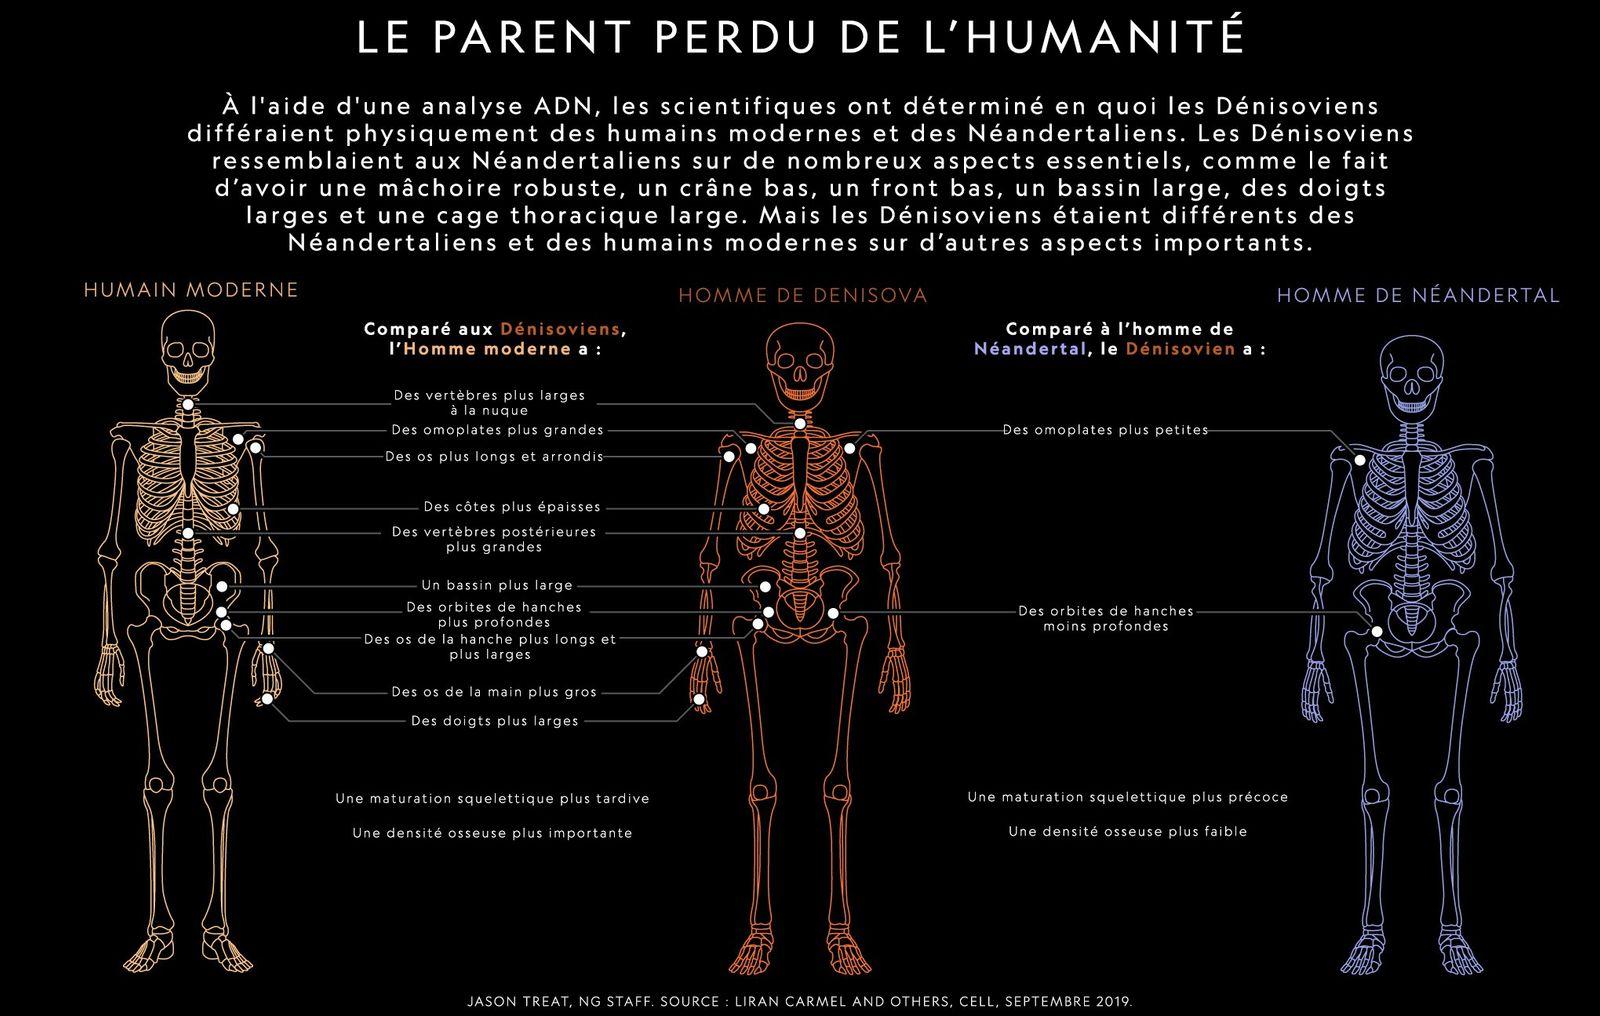 L'Homme de Denisova comparé à l'Homme de Neandertal et à l'Homme moderne.